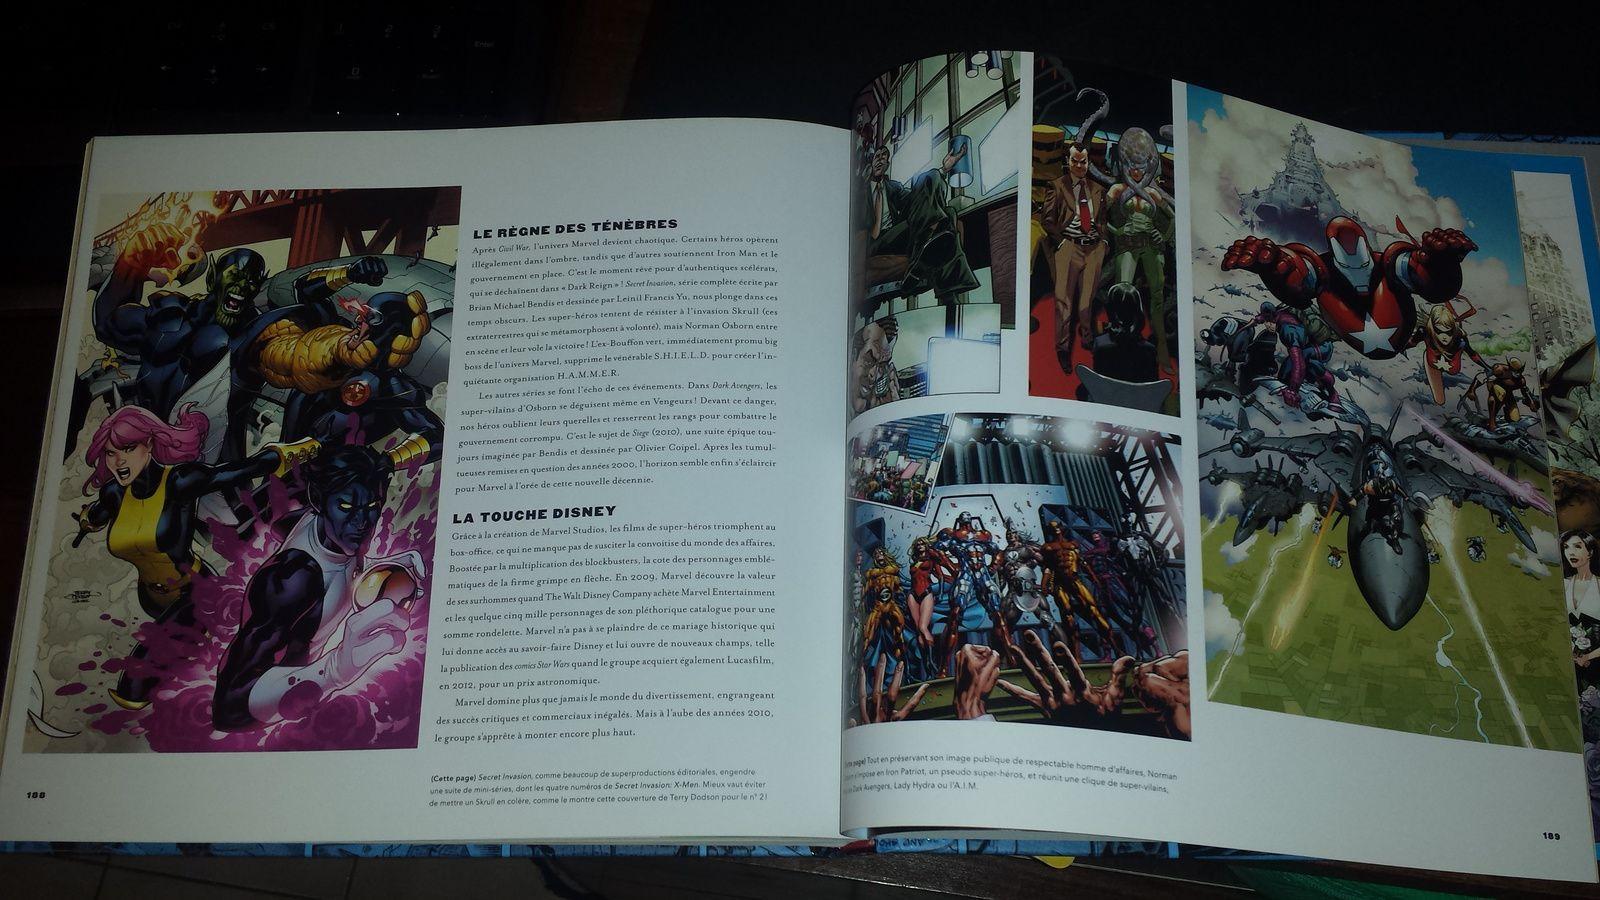 Une mise en page très chouette avec plein d'illustrations et de couvertures de comics